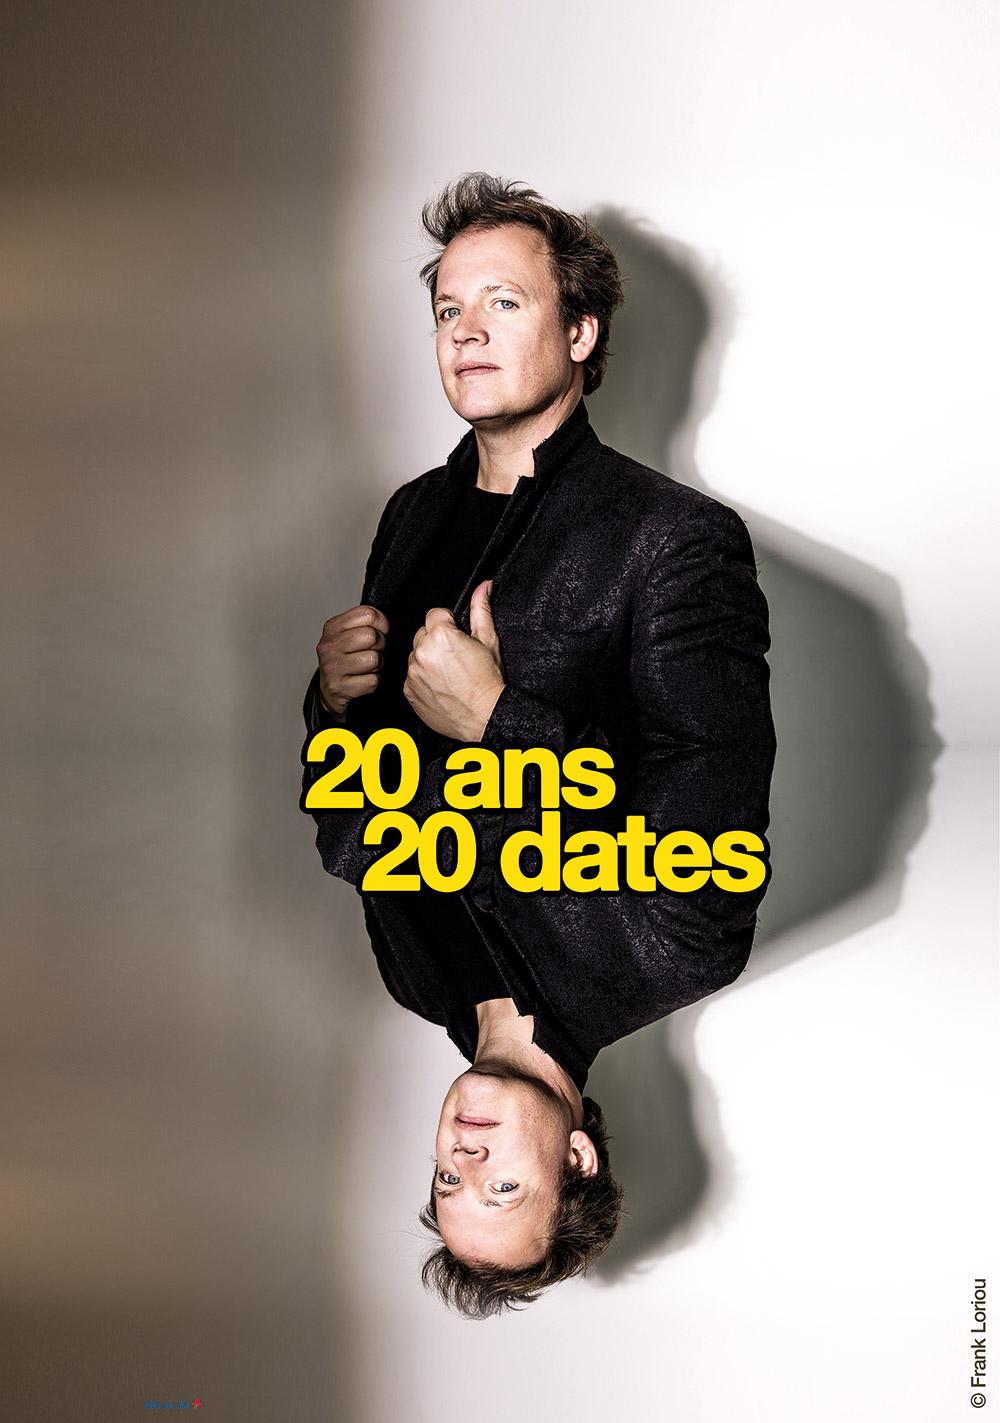 Presque Oui - 20 ans 20 dates - Thibaud Defever - photo : Franck Loriou